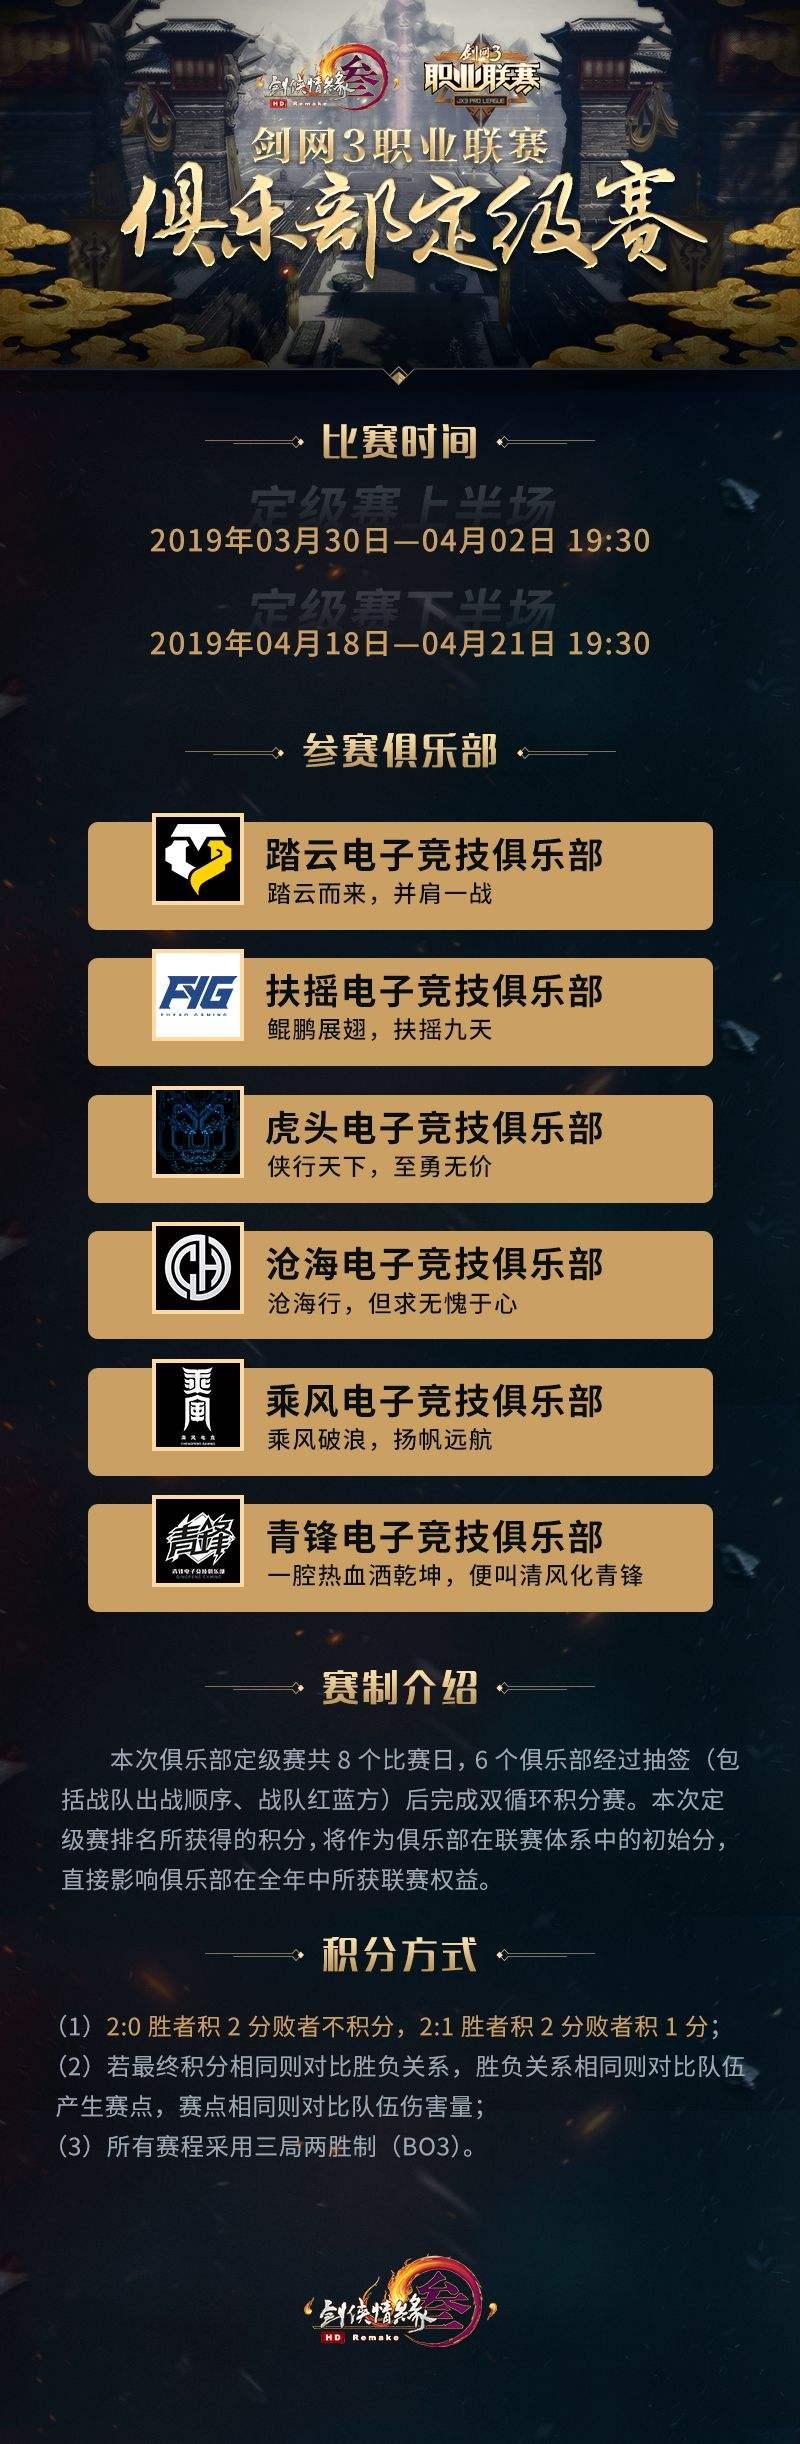 《剑网3》职业联赛宣传片公布 定级赛即刻打响